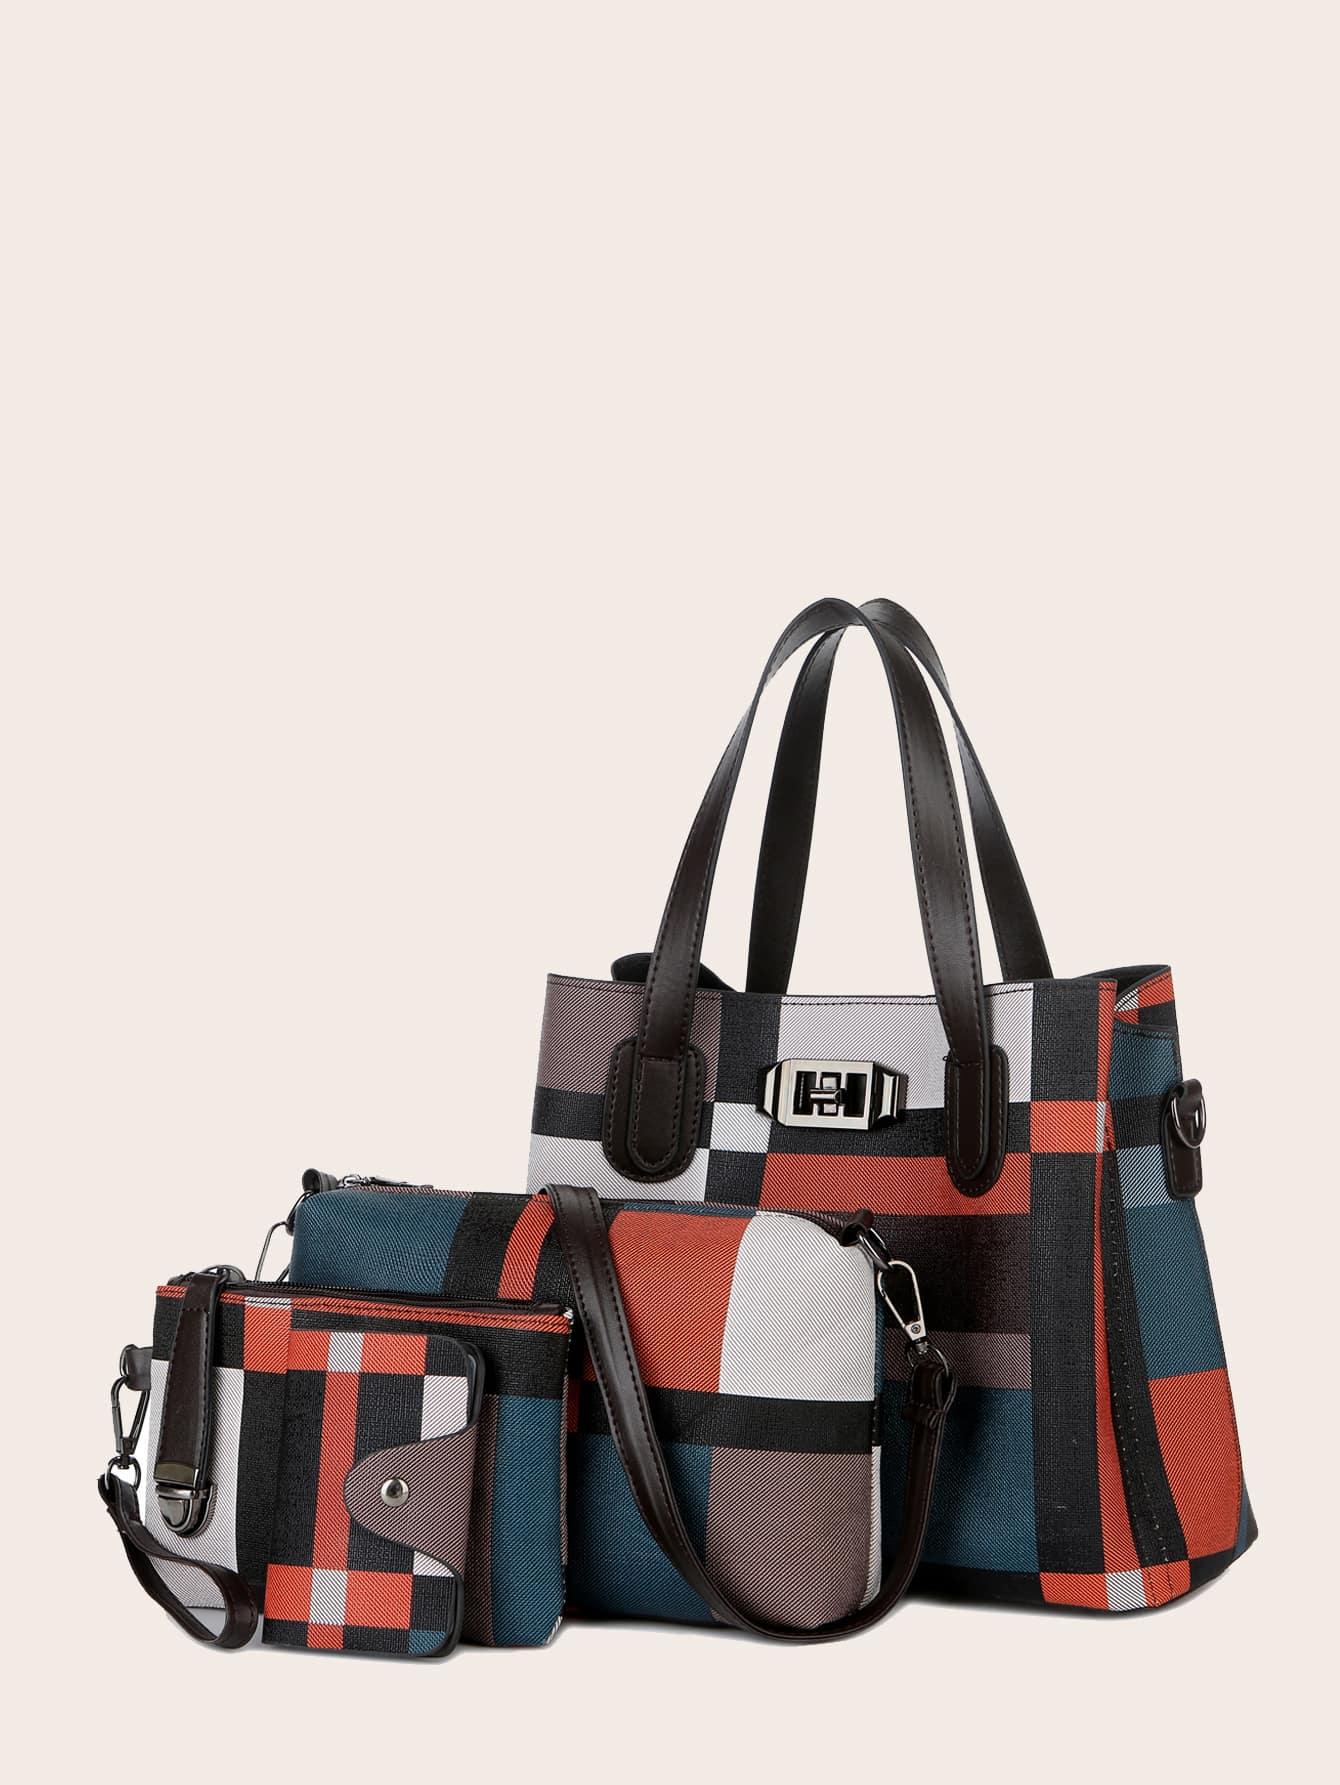 4pcs Turn-Lock Color Block Tote Bag Set thumbnail